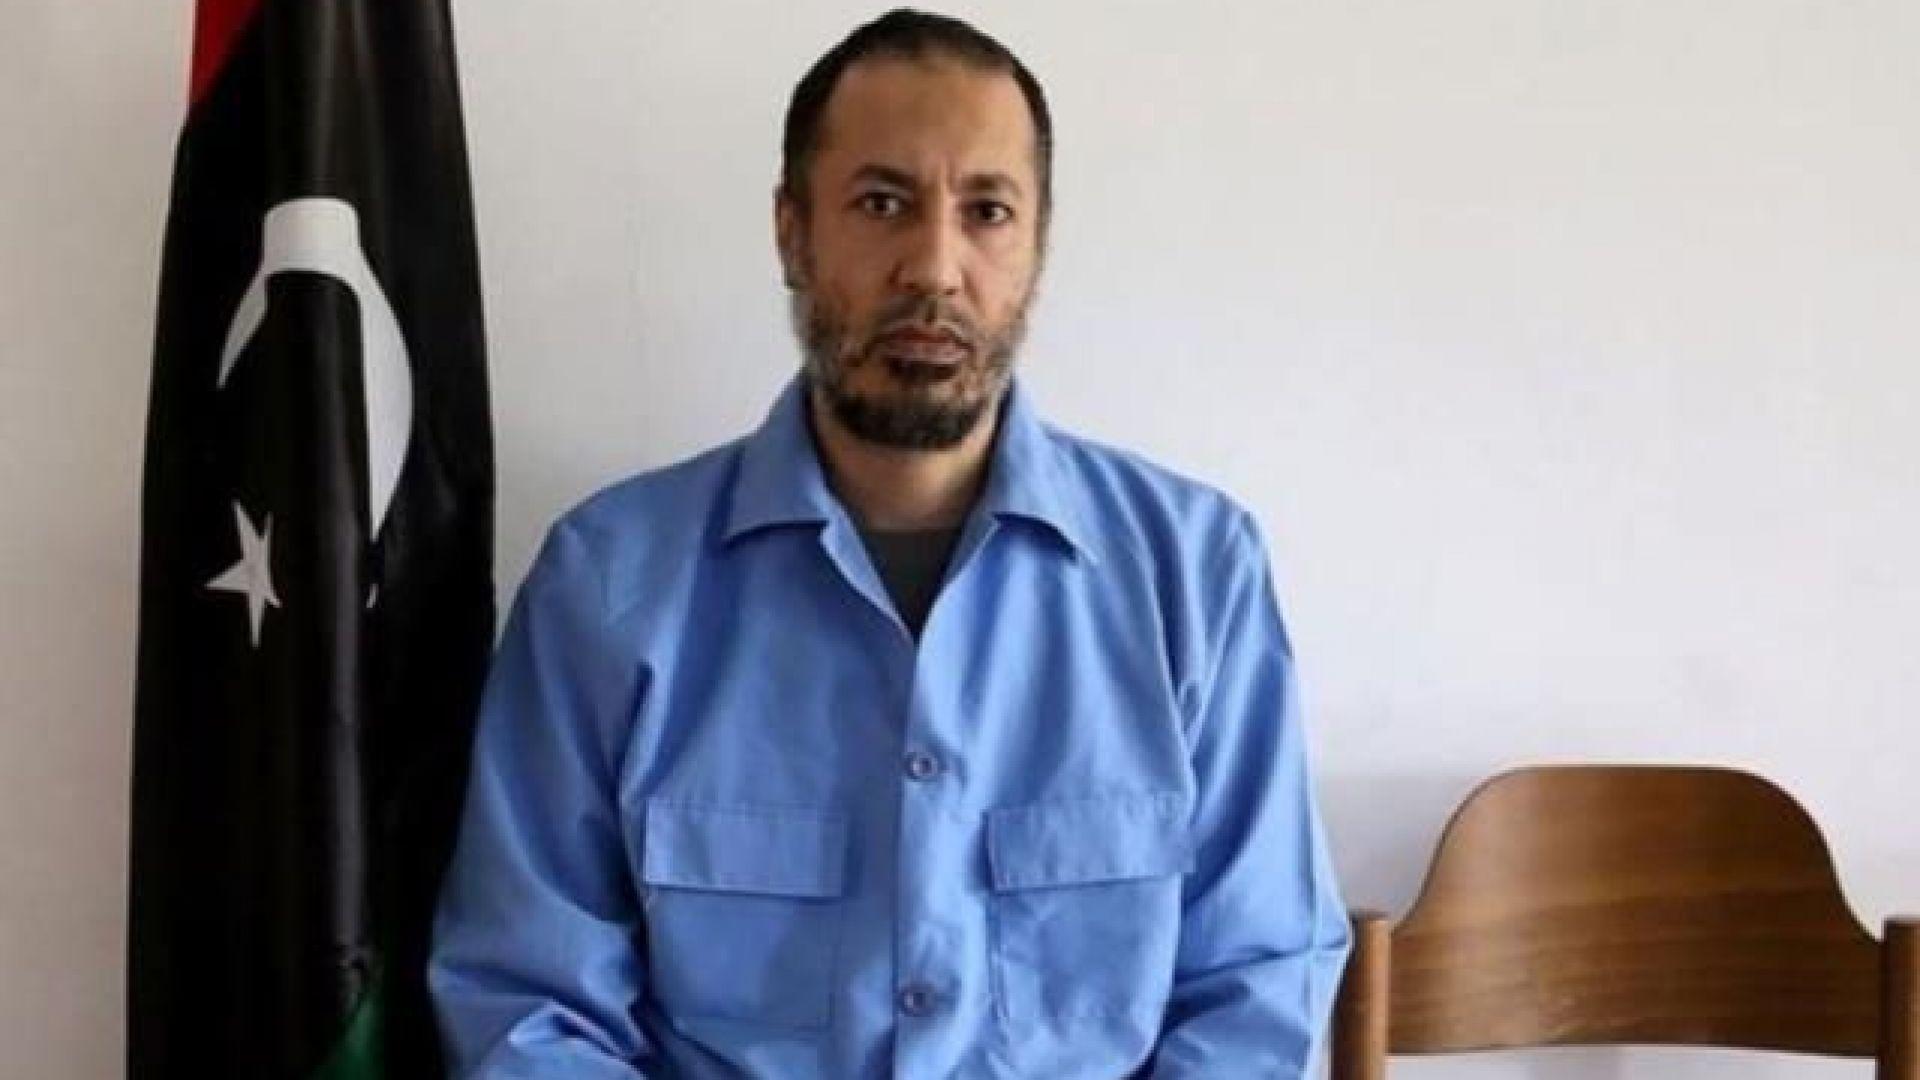 Саади Кадафи, един от синовете  на Муамар Кадафи, се намира в Турция